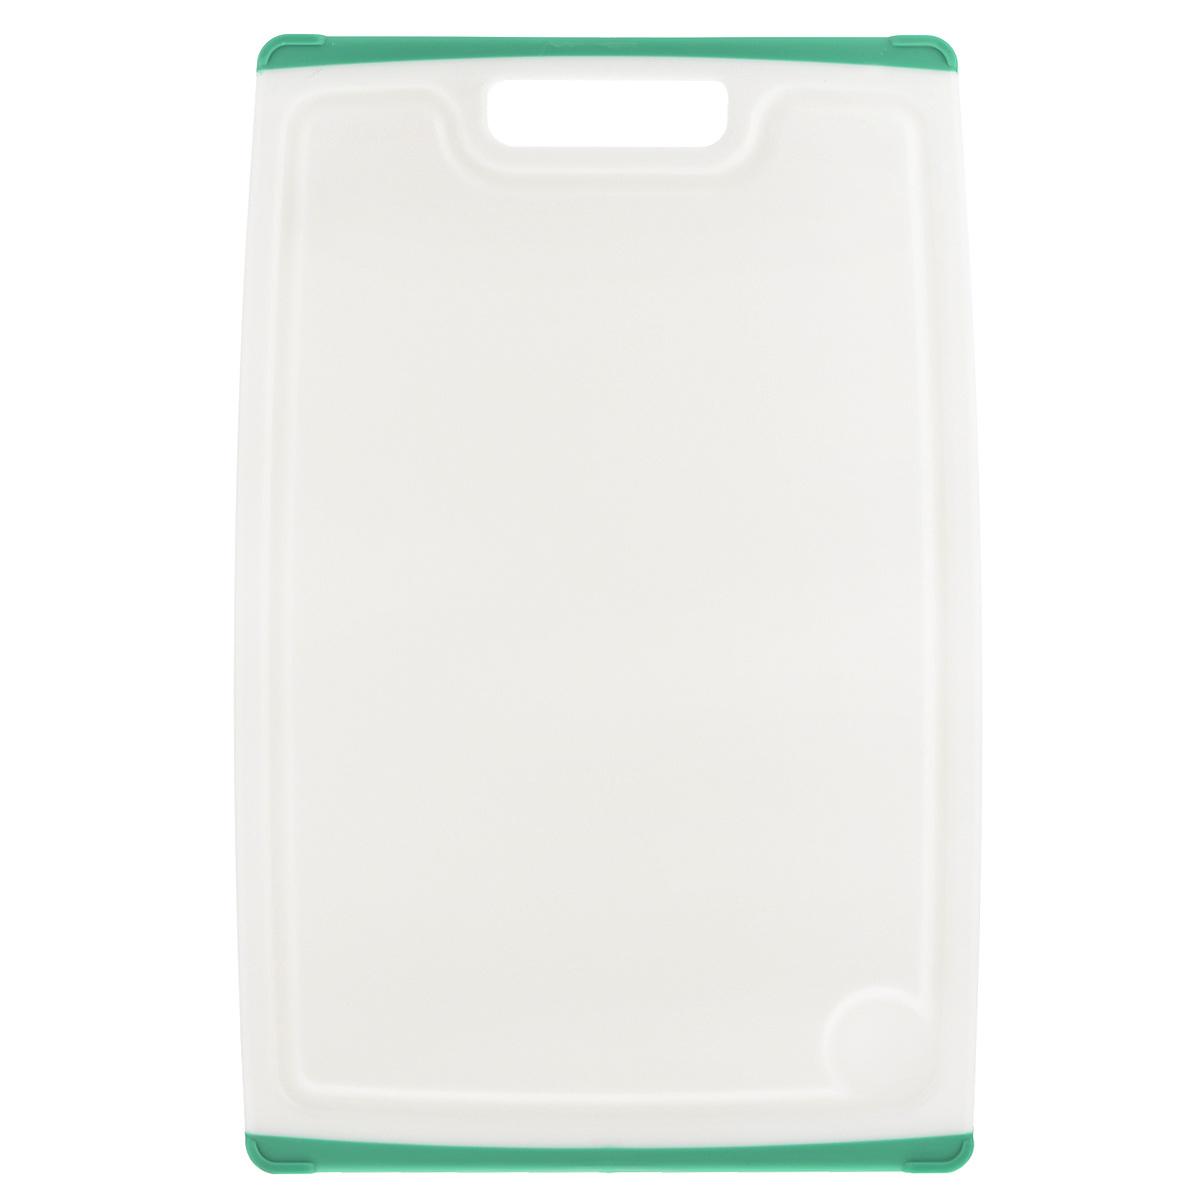 Доска разделочная Tescoma Cosmo, цвет: зеленый, 30 см х 20 см379212Разделочная доска Tescoma Cosmo, изготовленная из высококачественного прочного пластика, станет незаменимым атрибутом приготовления пищи. Она идеально подходит для разделки мяса, рыбы, приготовления теста и нарезки любых продуктов. А особый дизайн краев с желобком способствует задерживанию жидкостей и остатков продуктов. Изделие оснащено прорезиненными цветными вставками с двух сторон для предотвращения скольжения по столу. Доска предназначена дляежедневного интенсивного использования. Не затупляет лезвия.Современный стильный дизайн и функциональность разделочной доски Tescoma Cosmo, позволит занять ей достойное место на вашей кухне.Можно мыть в посудомоечной машине.